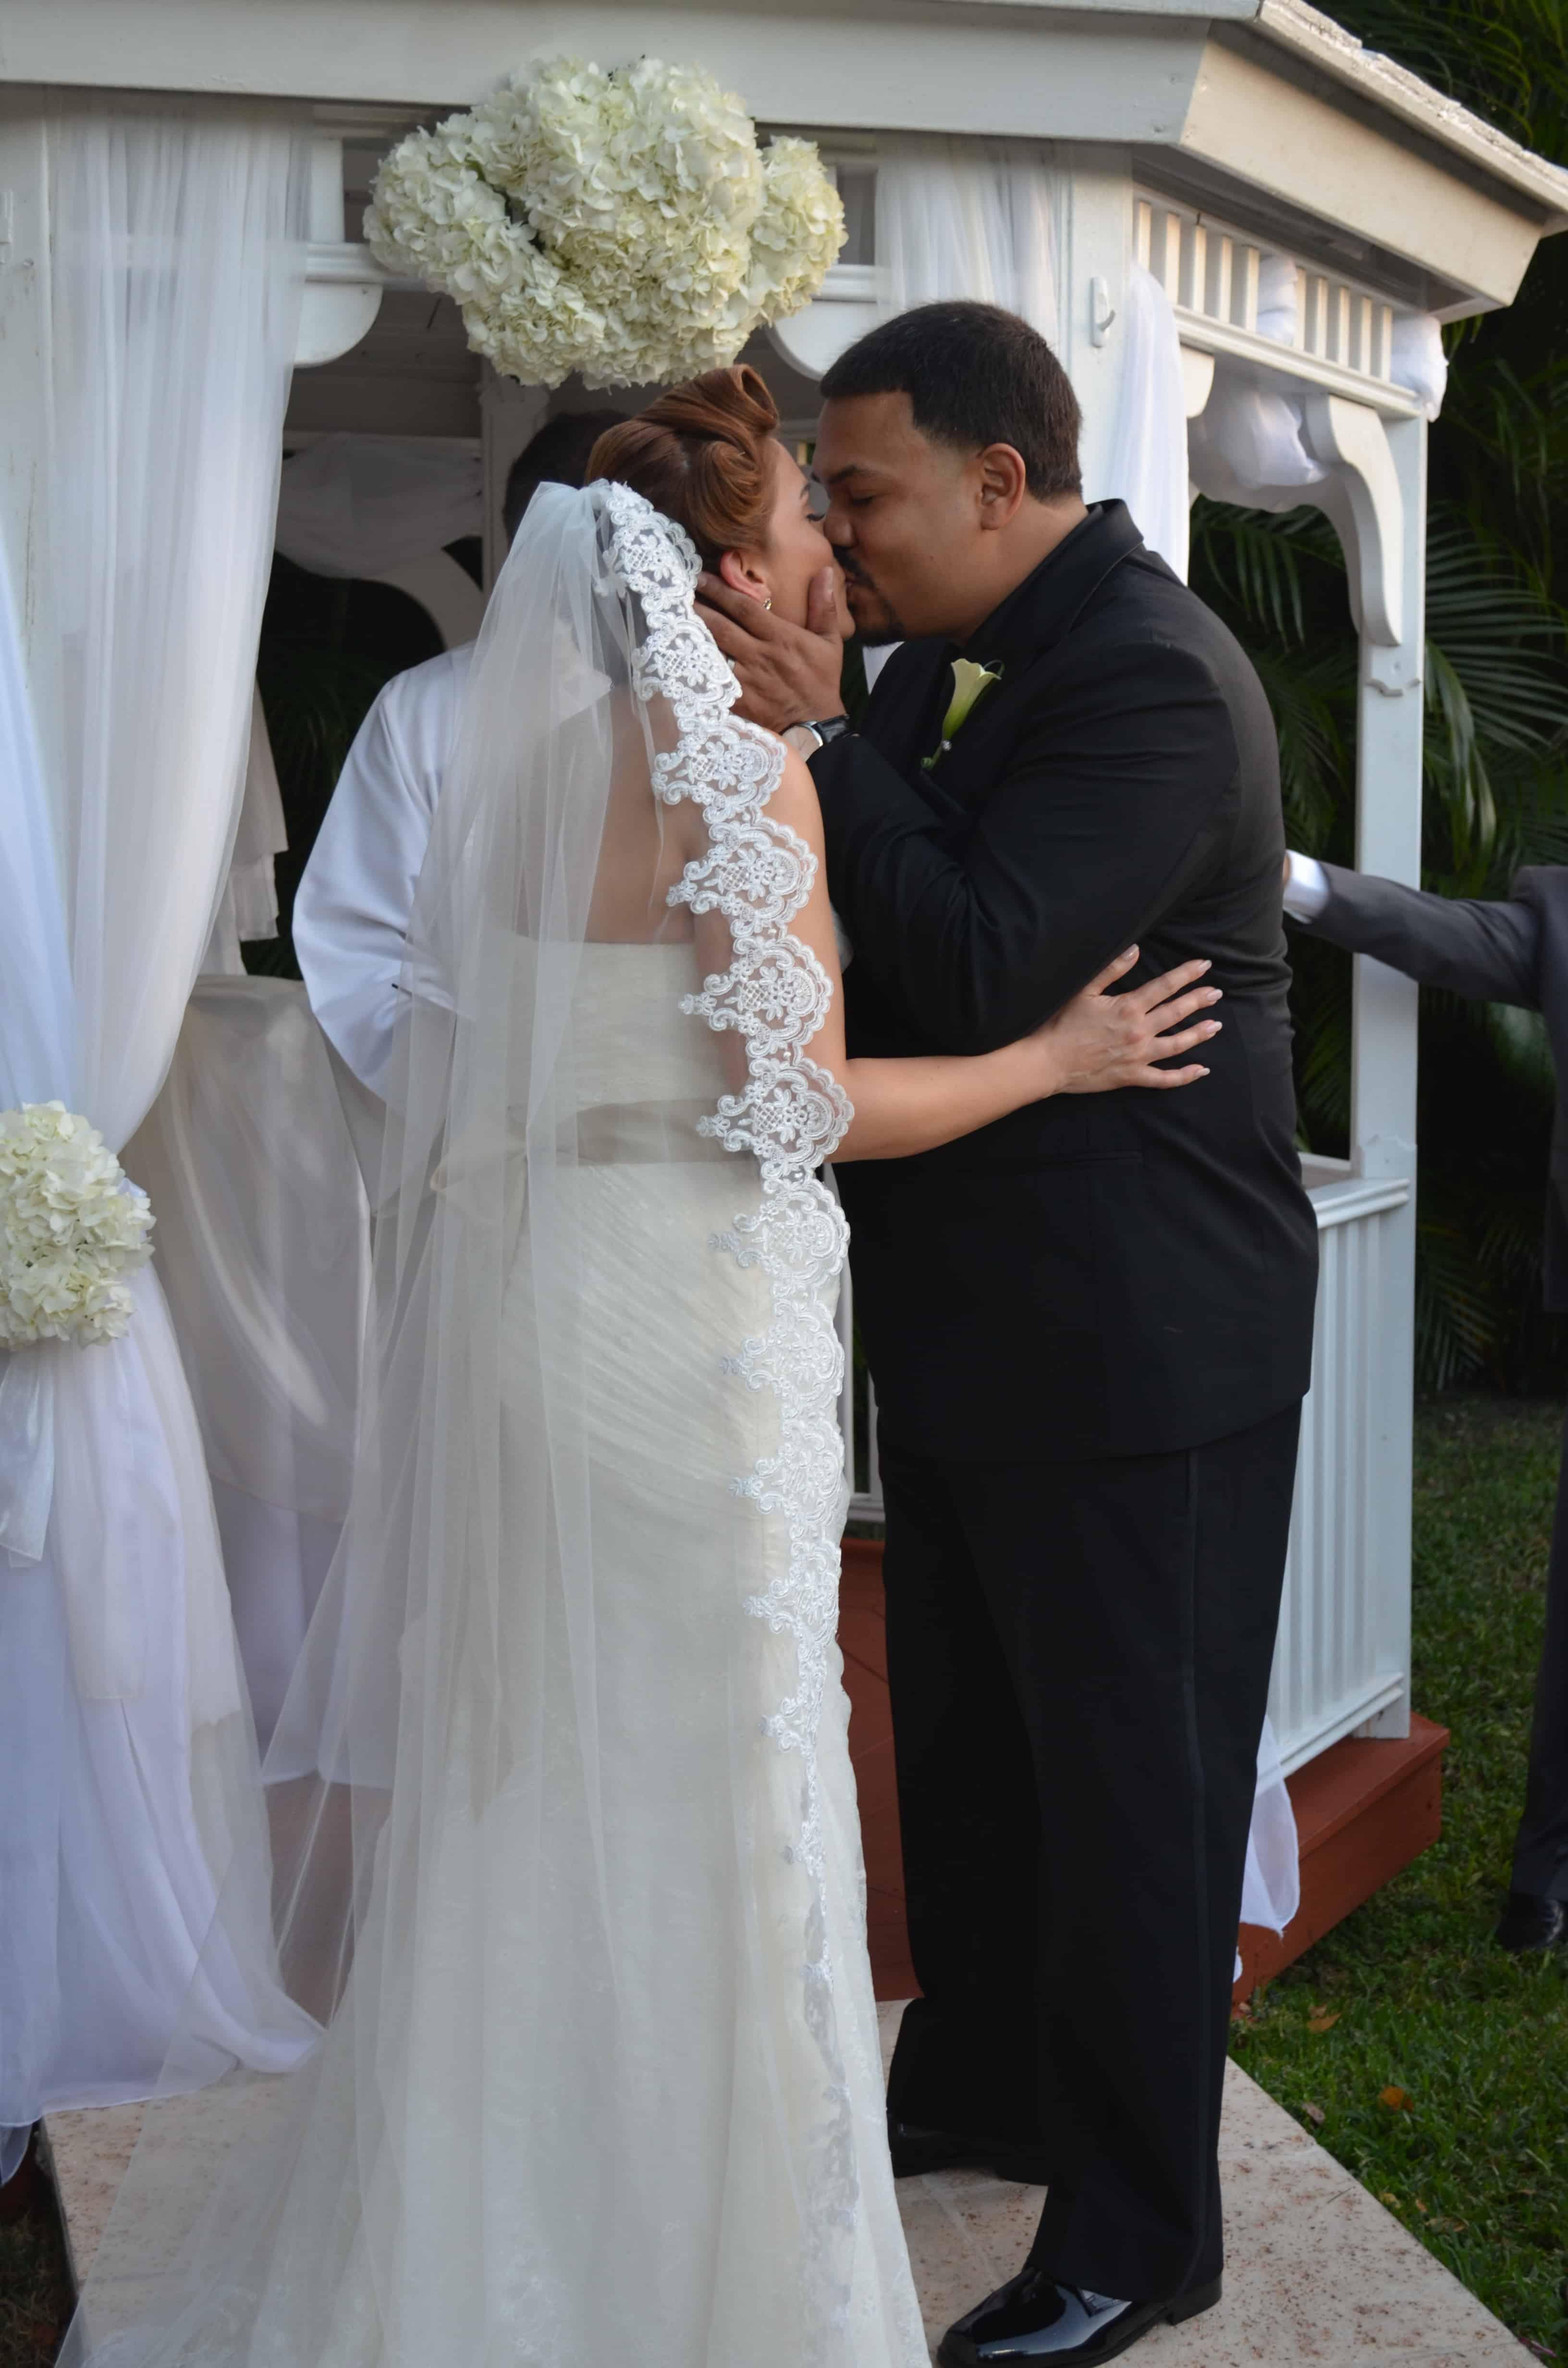 Stephanie & Michael Gazebo Ceremony And Wedding Reception